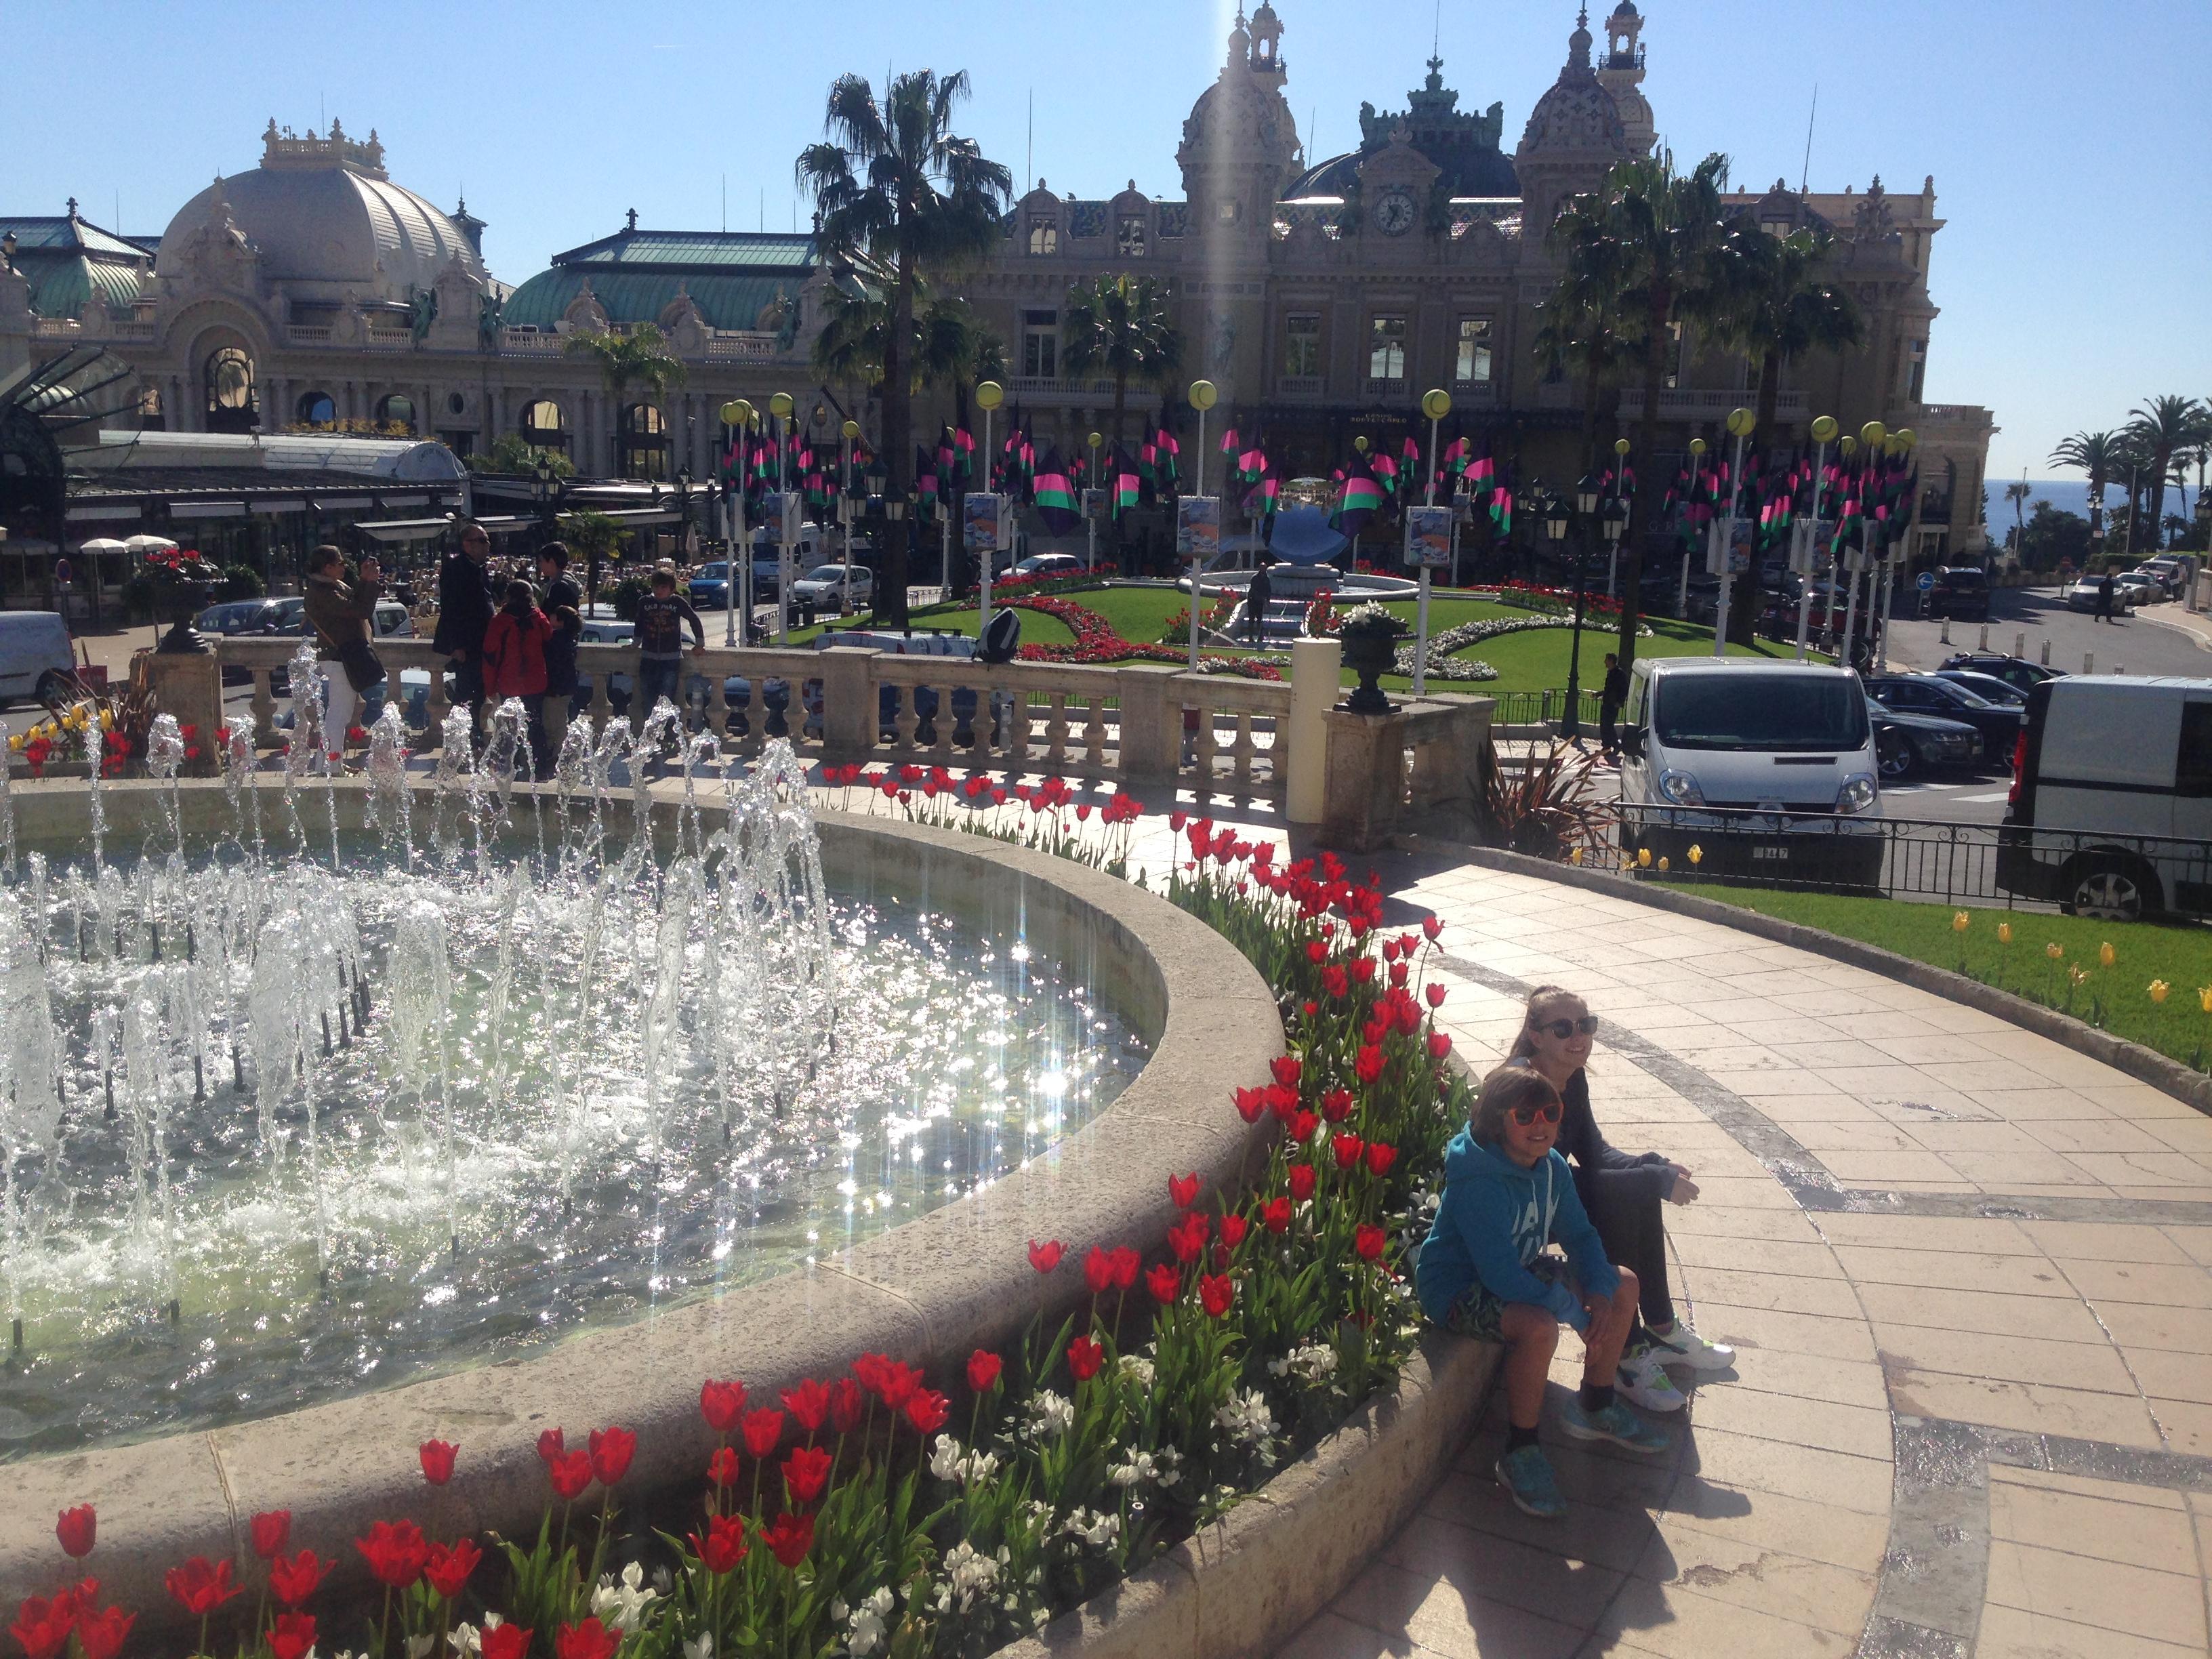 Monaco was very impressive